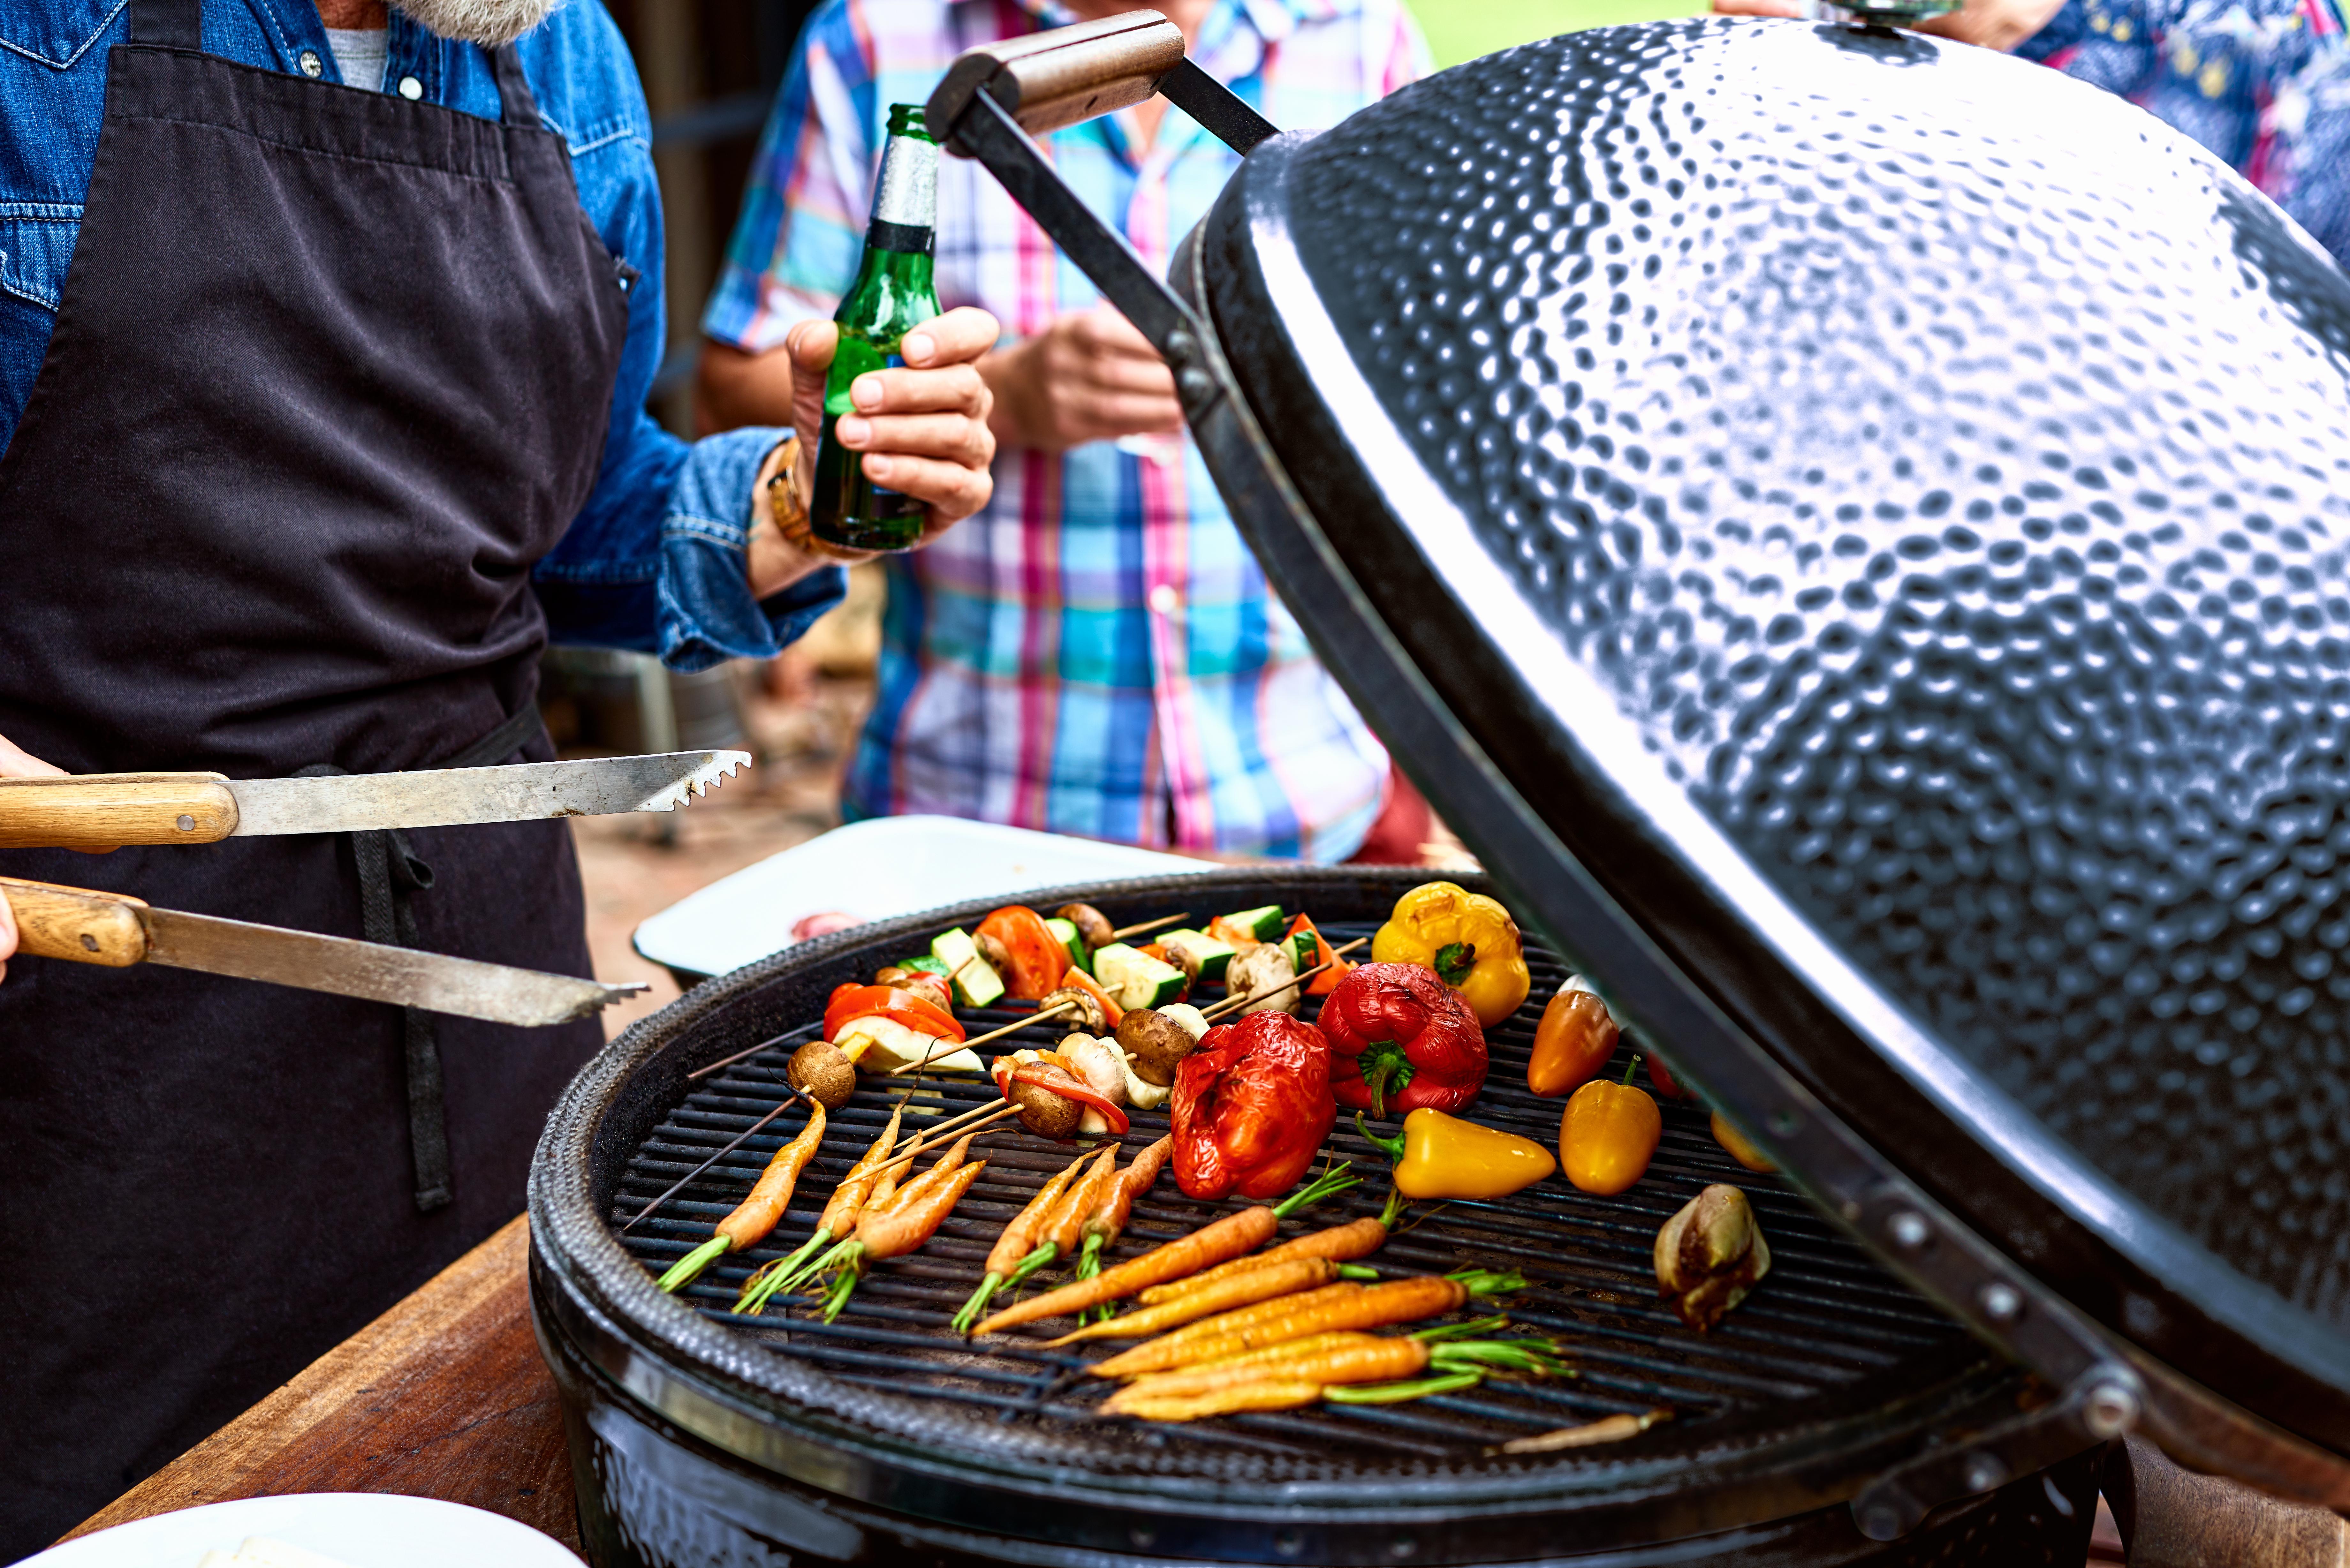 在水壶式木炭烤架上烤一组蔬菜;两个人站在它旁边,一个拿着一对钳子。